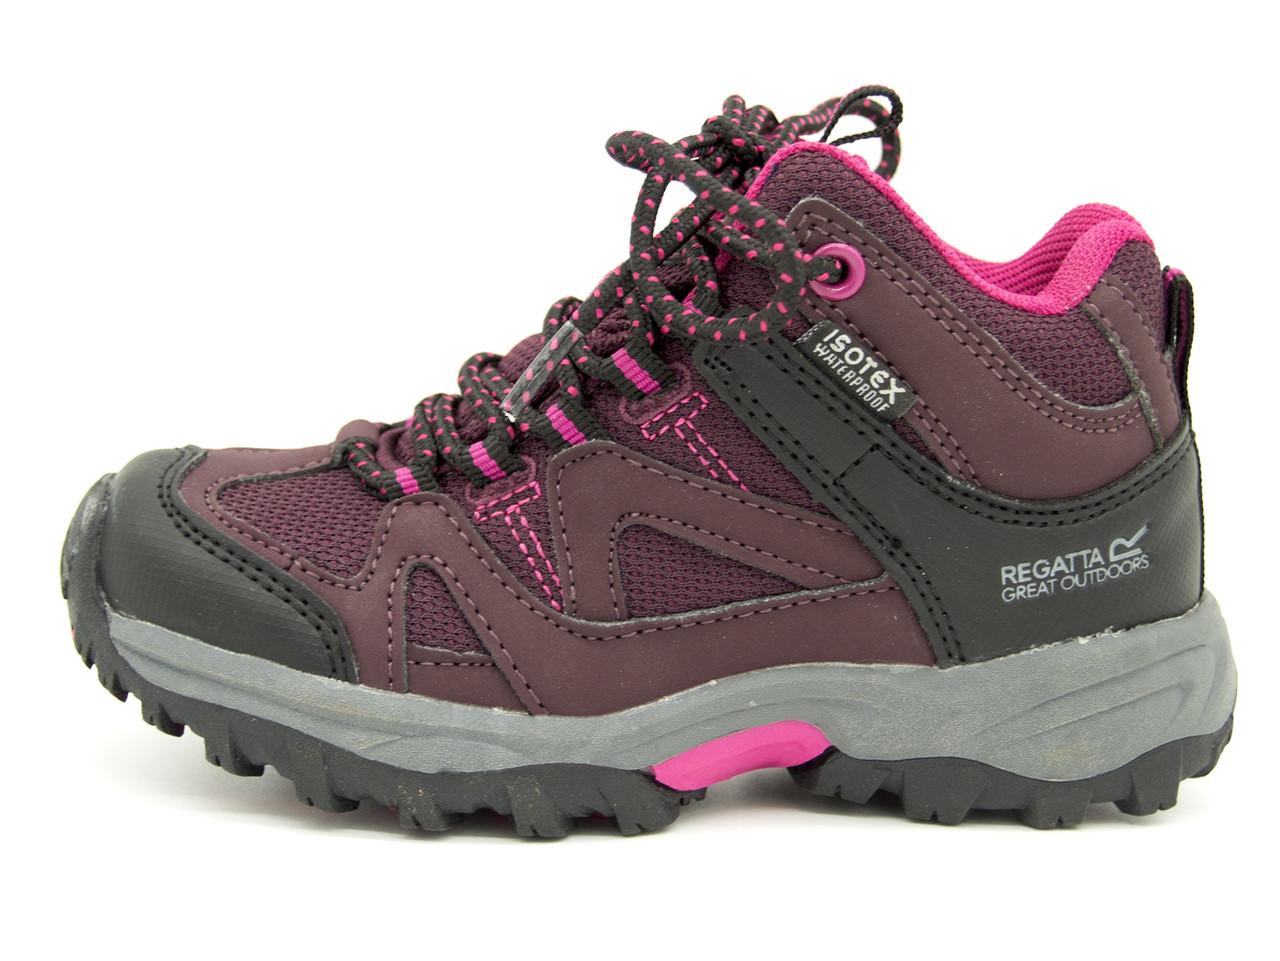 Ботинки Regatta Gatlin Mid JNR pink Размеры: 28 (17,5 см); 29 (18,5 см); 30 (19 см);